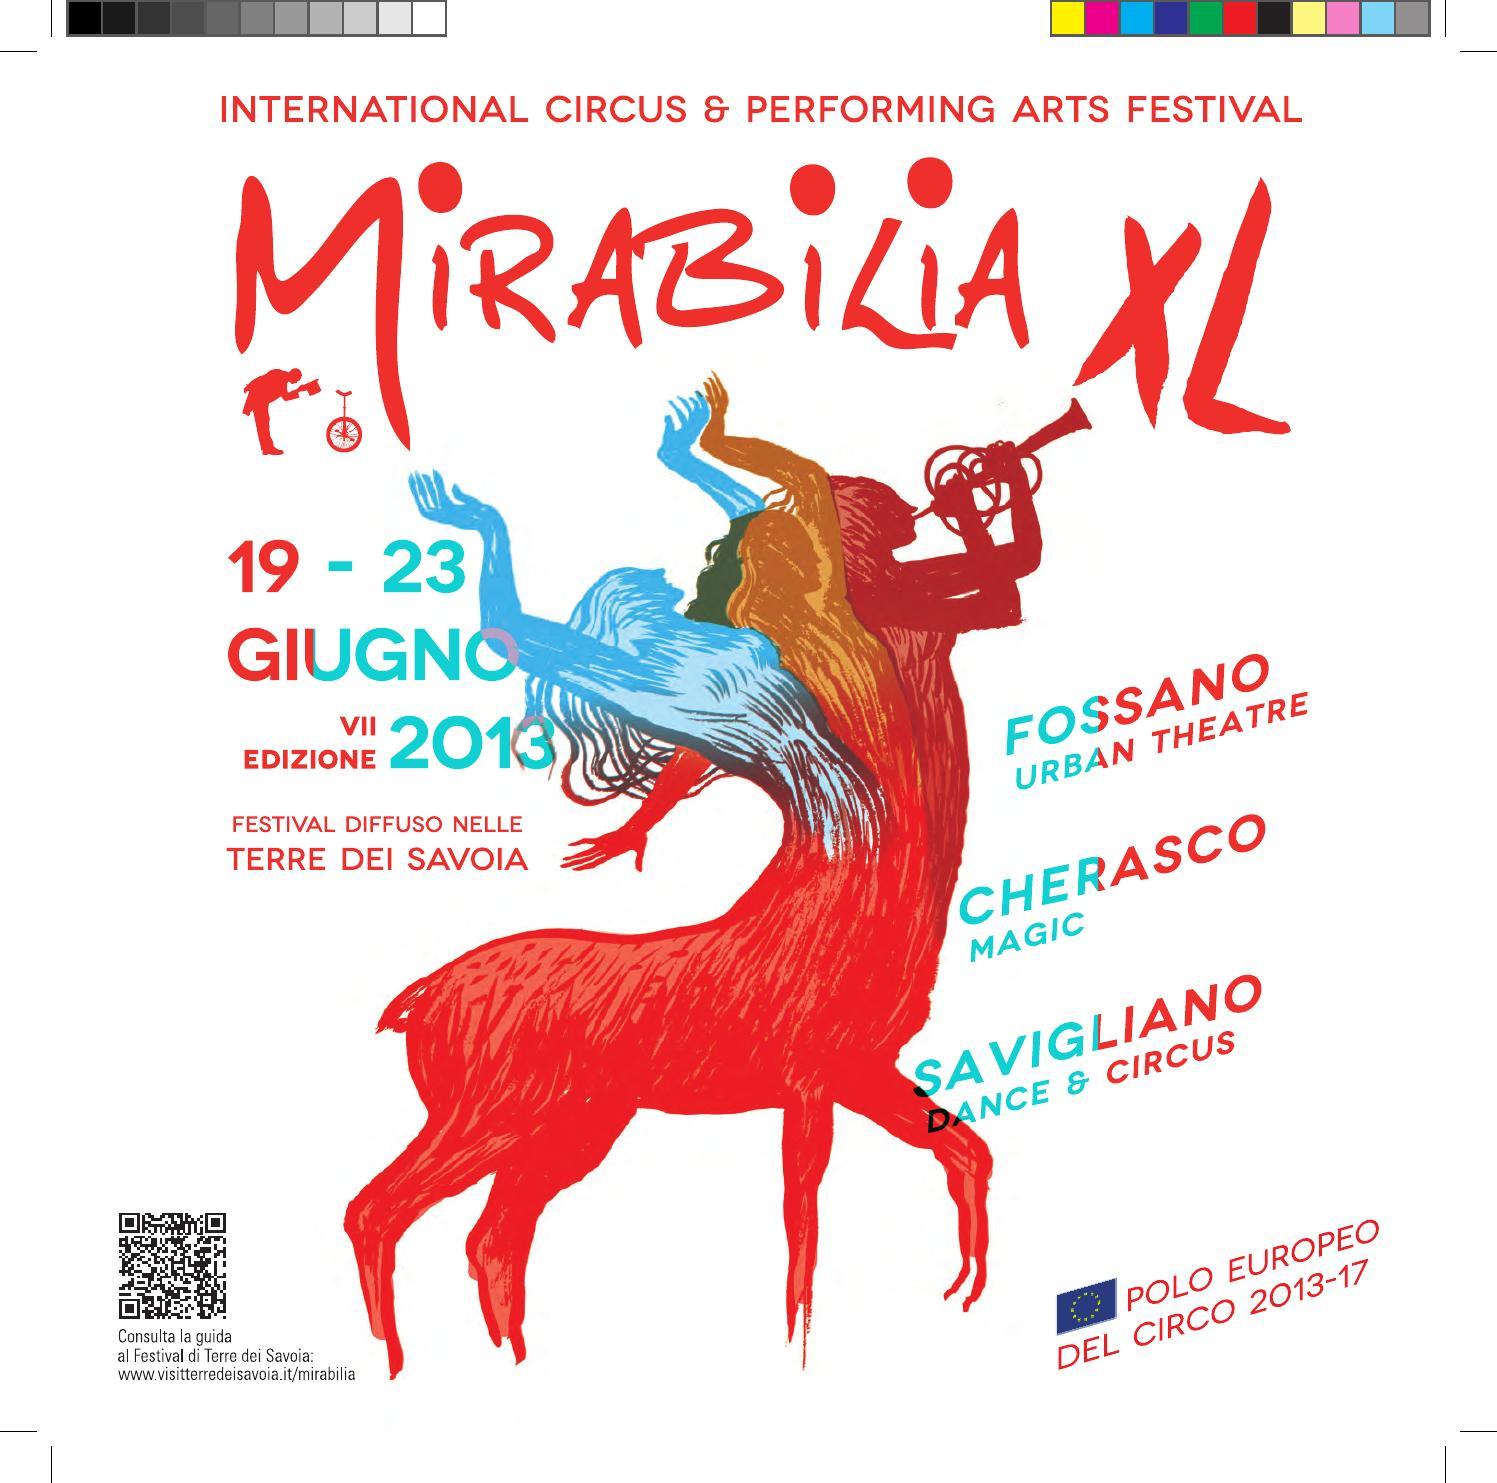 Festival mirabilia 2013 libretto programma bilingue by fabrizio gavosto issuu - Se monto pneumatici diversi dal libretto ...